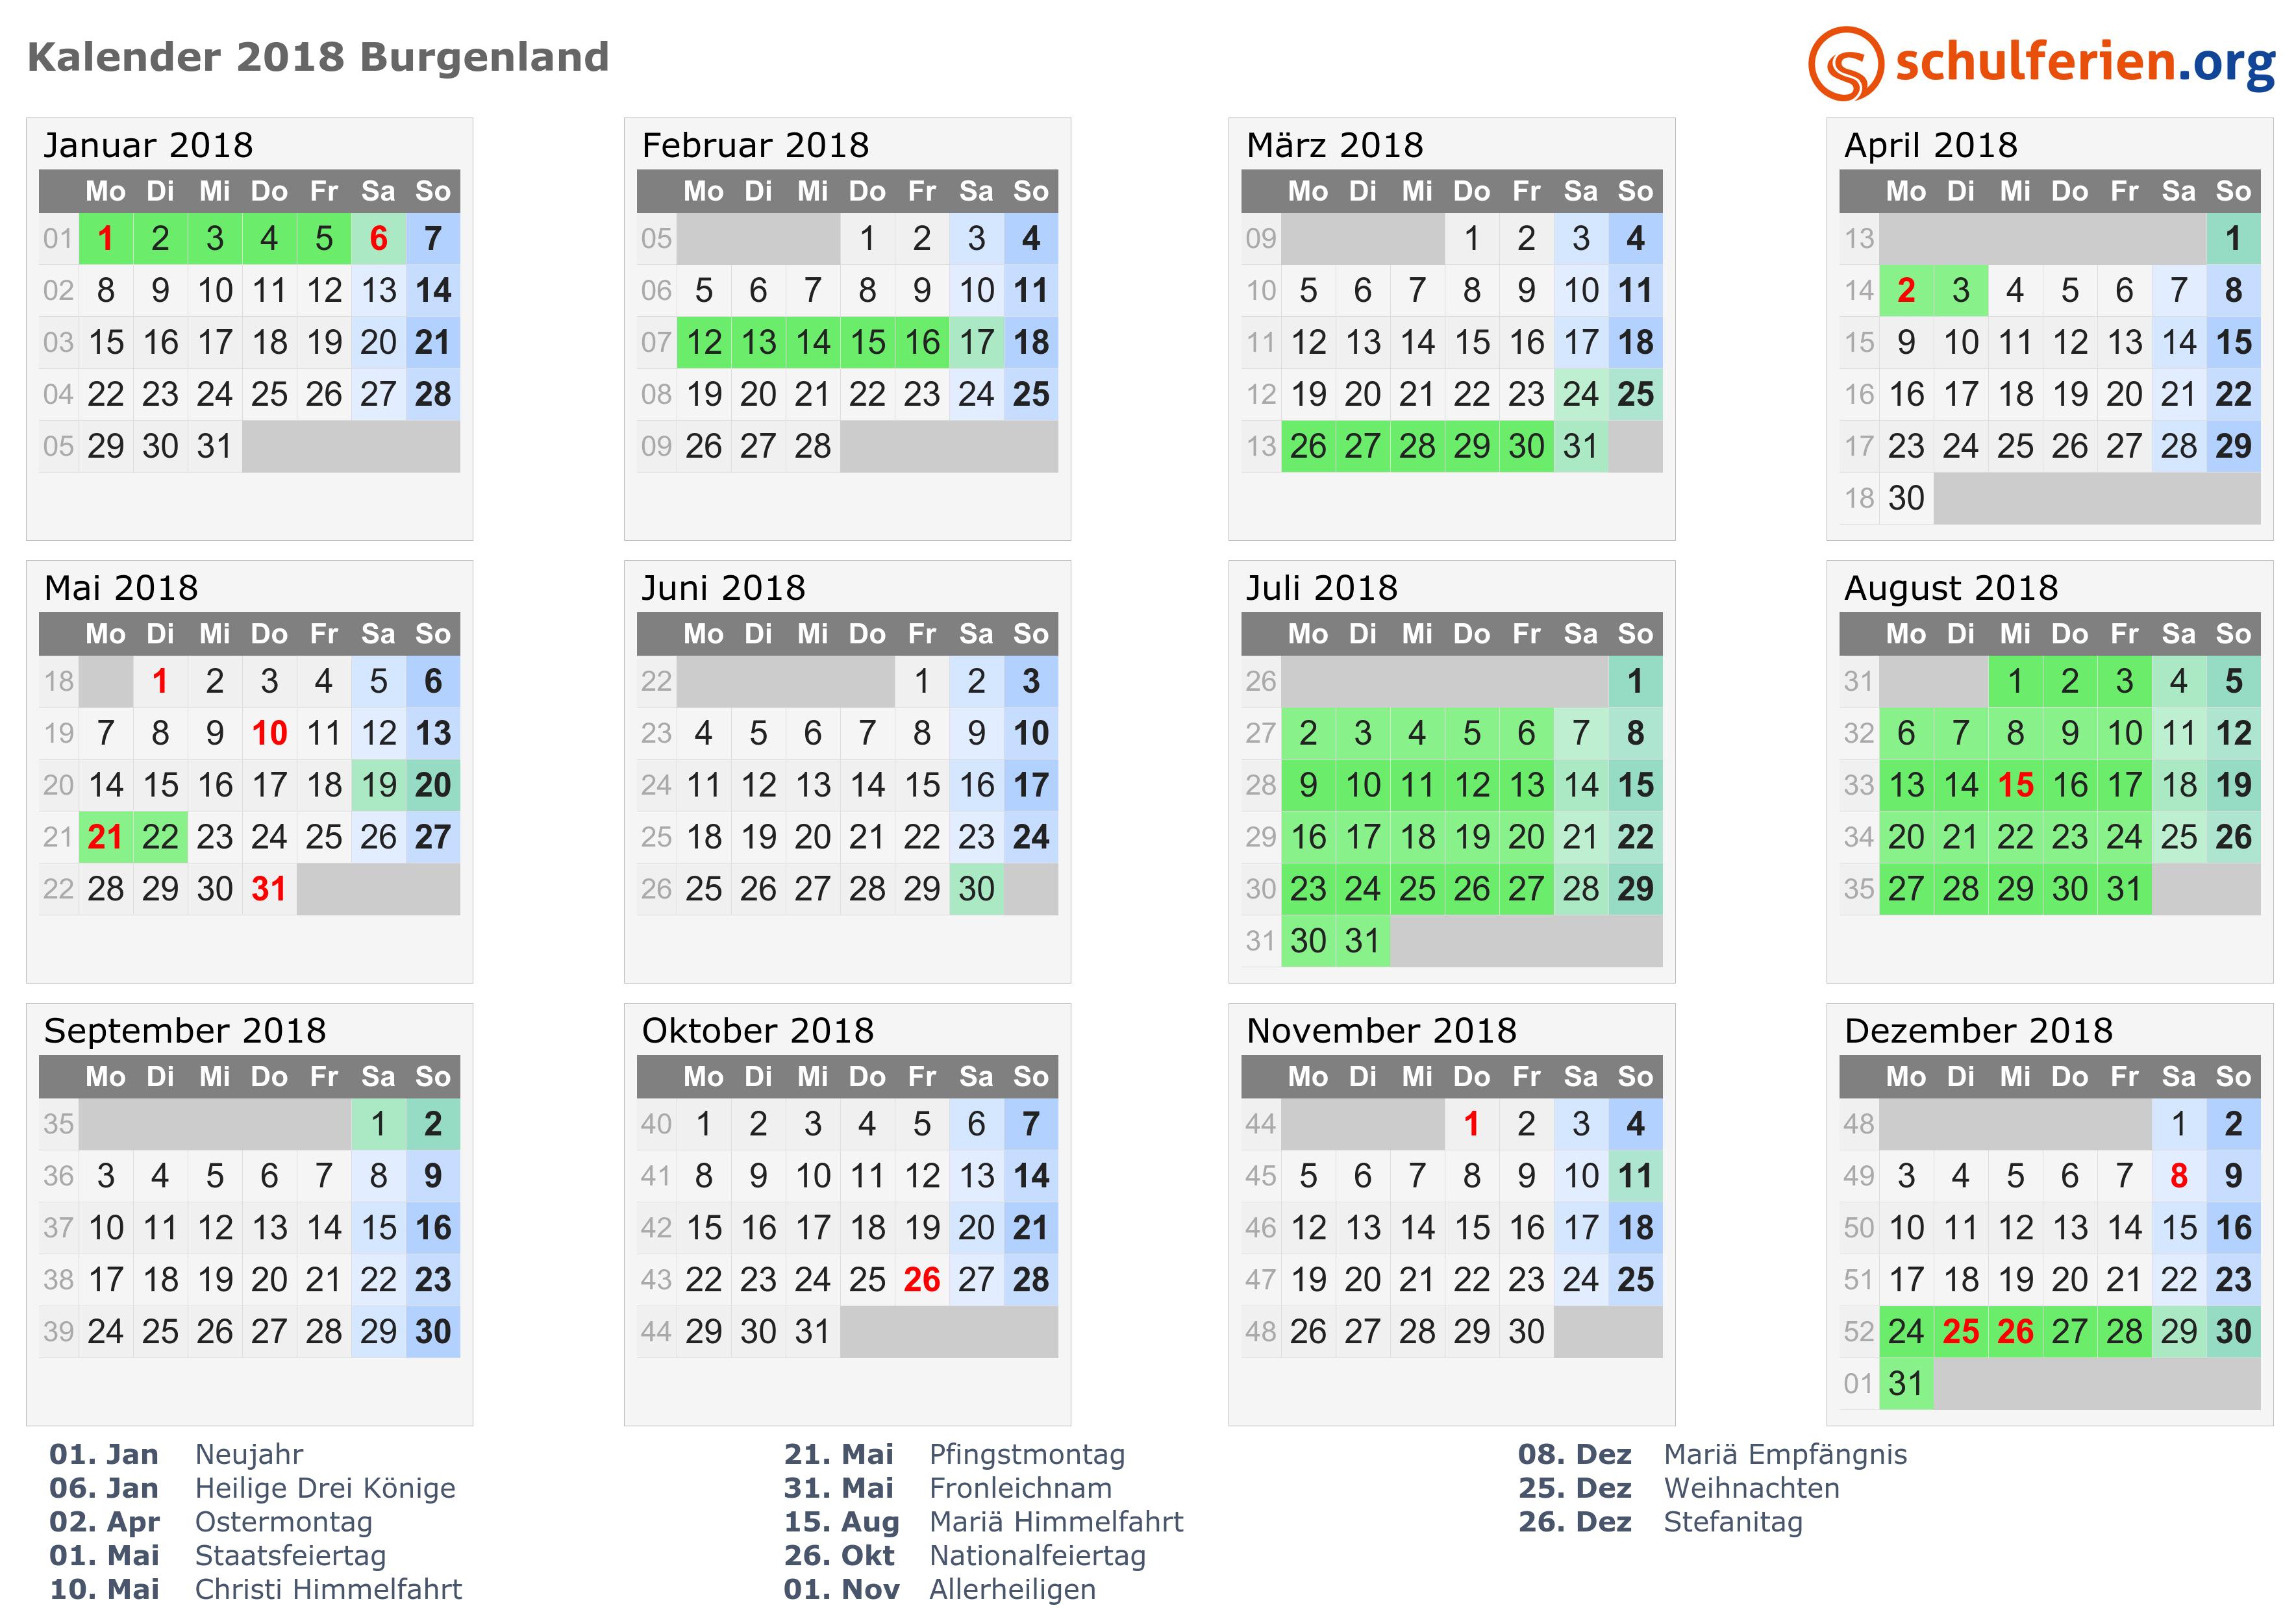 Kalender Österreich 2018, Feiertage von schulferien.org